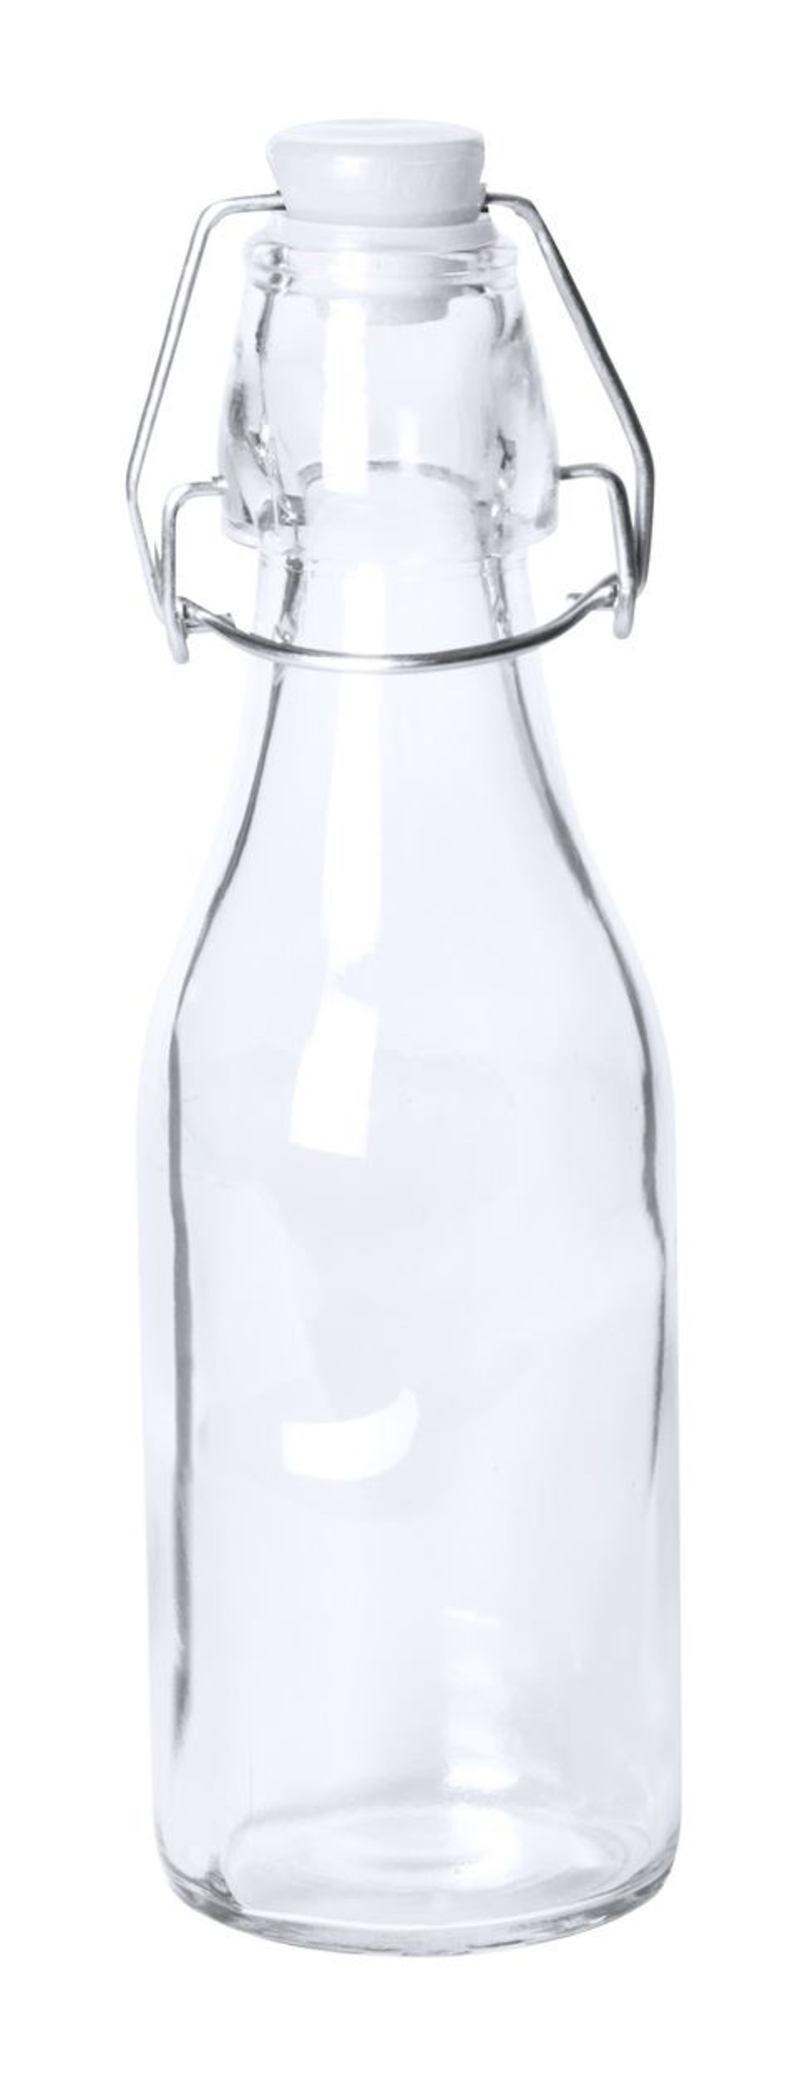 Haser bottle